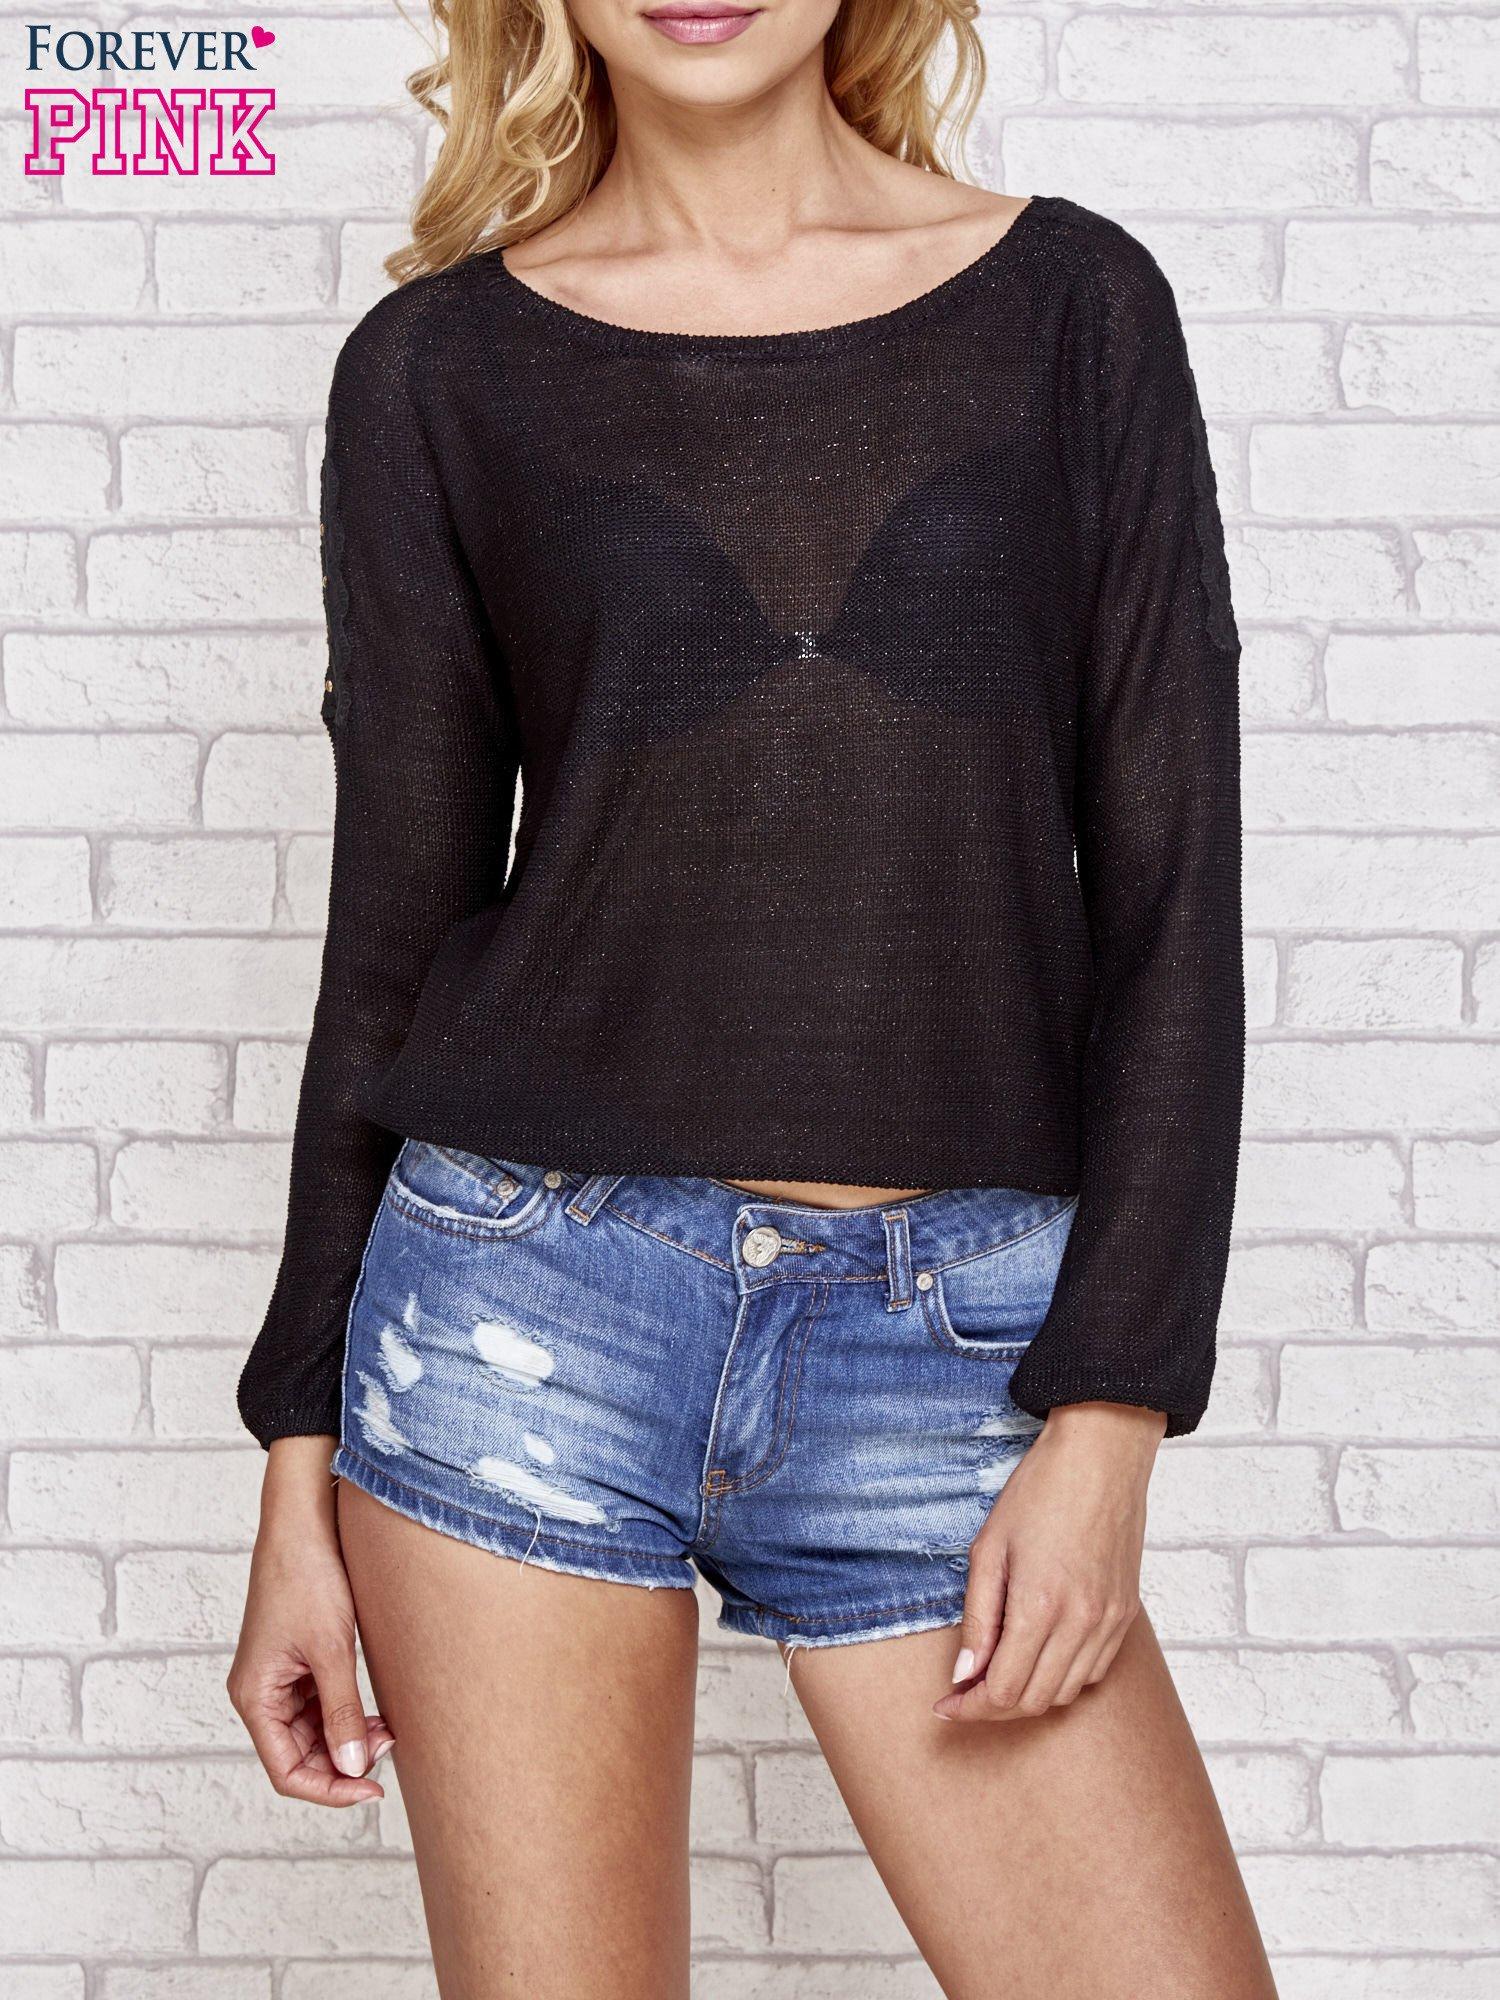 Czarny błyszczący sweter z koronkowymi wstawkami                                  zdj.                                  1